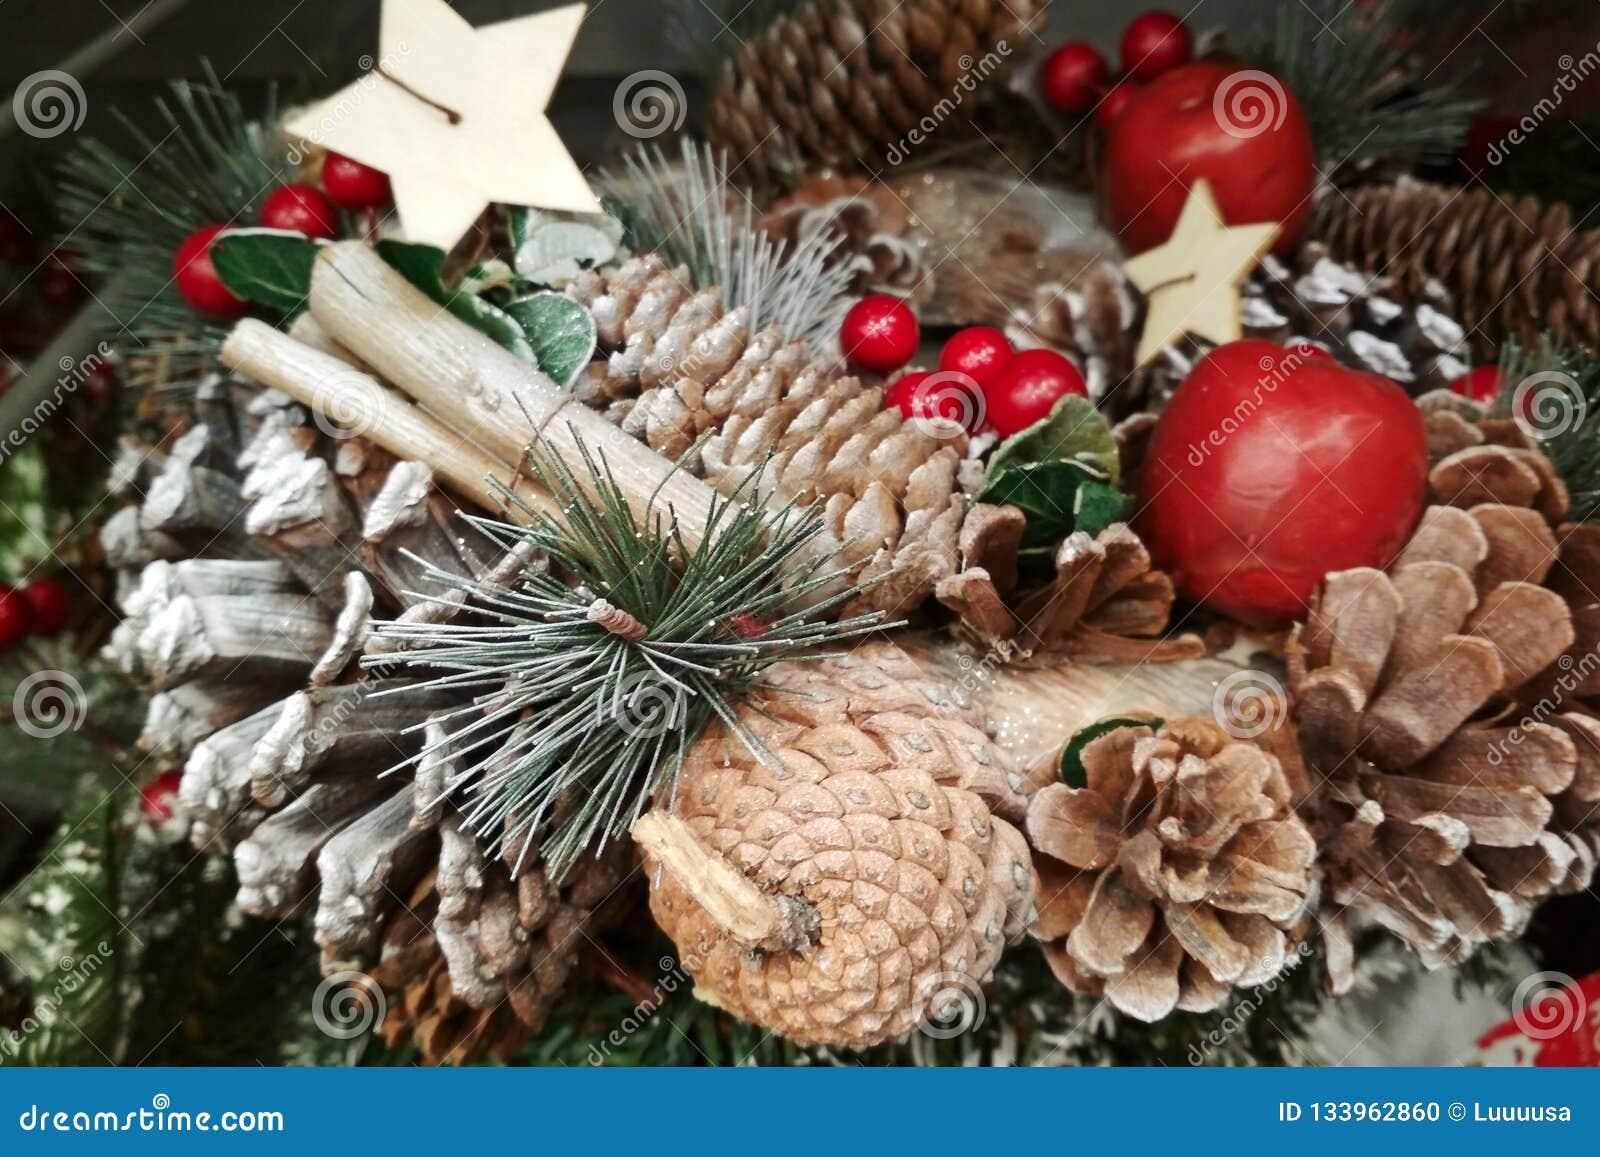 Image Colorée De Plan Rapproché De Décoration De Noël Bâtons